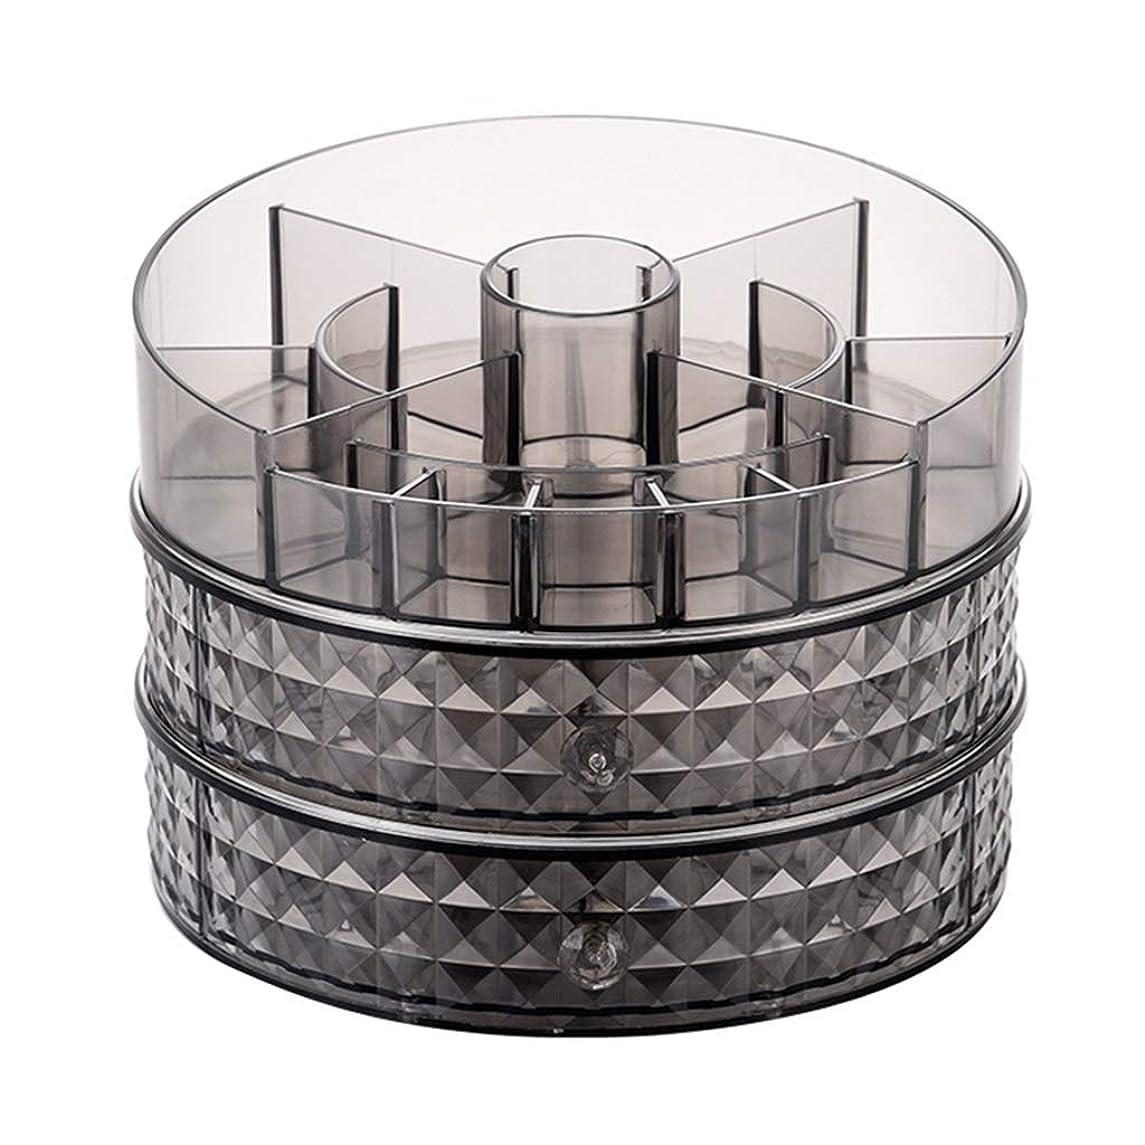 出力値おいしい化粧品収納ボックスデスクトップシンプル回転透明ラック寮ドレッシングテーブル仕上げラック (Color : BLACK, Size : 24*24*18.5CM)